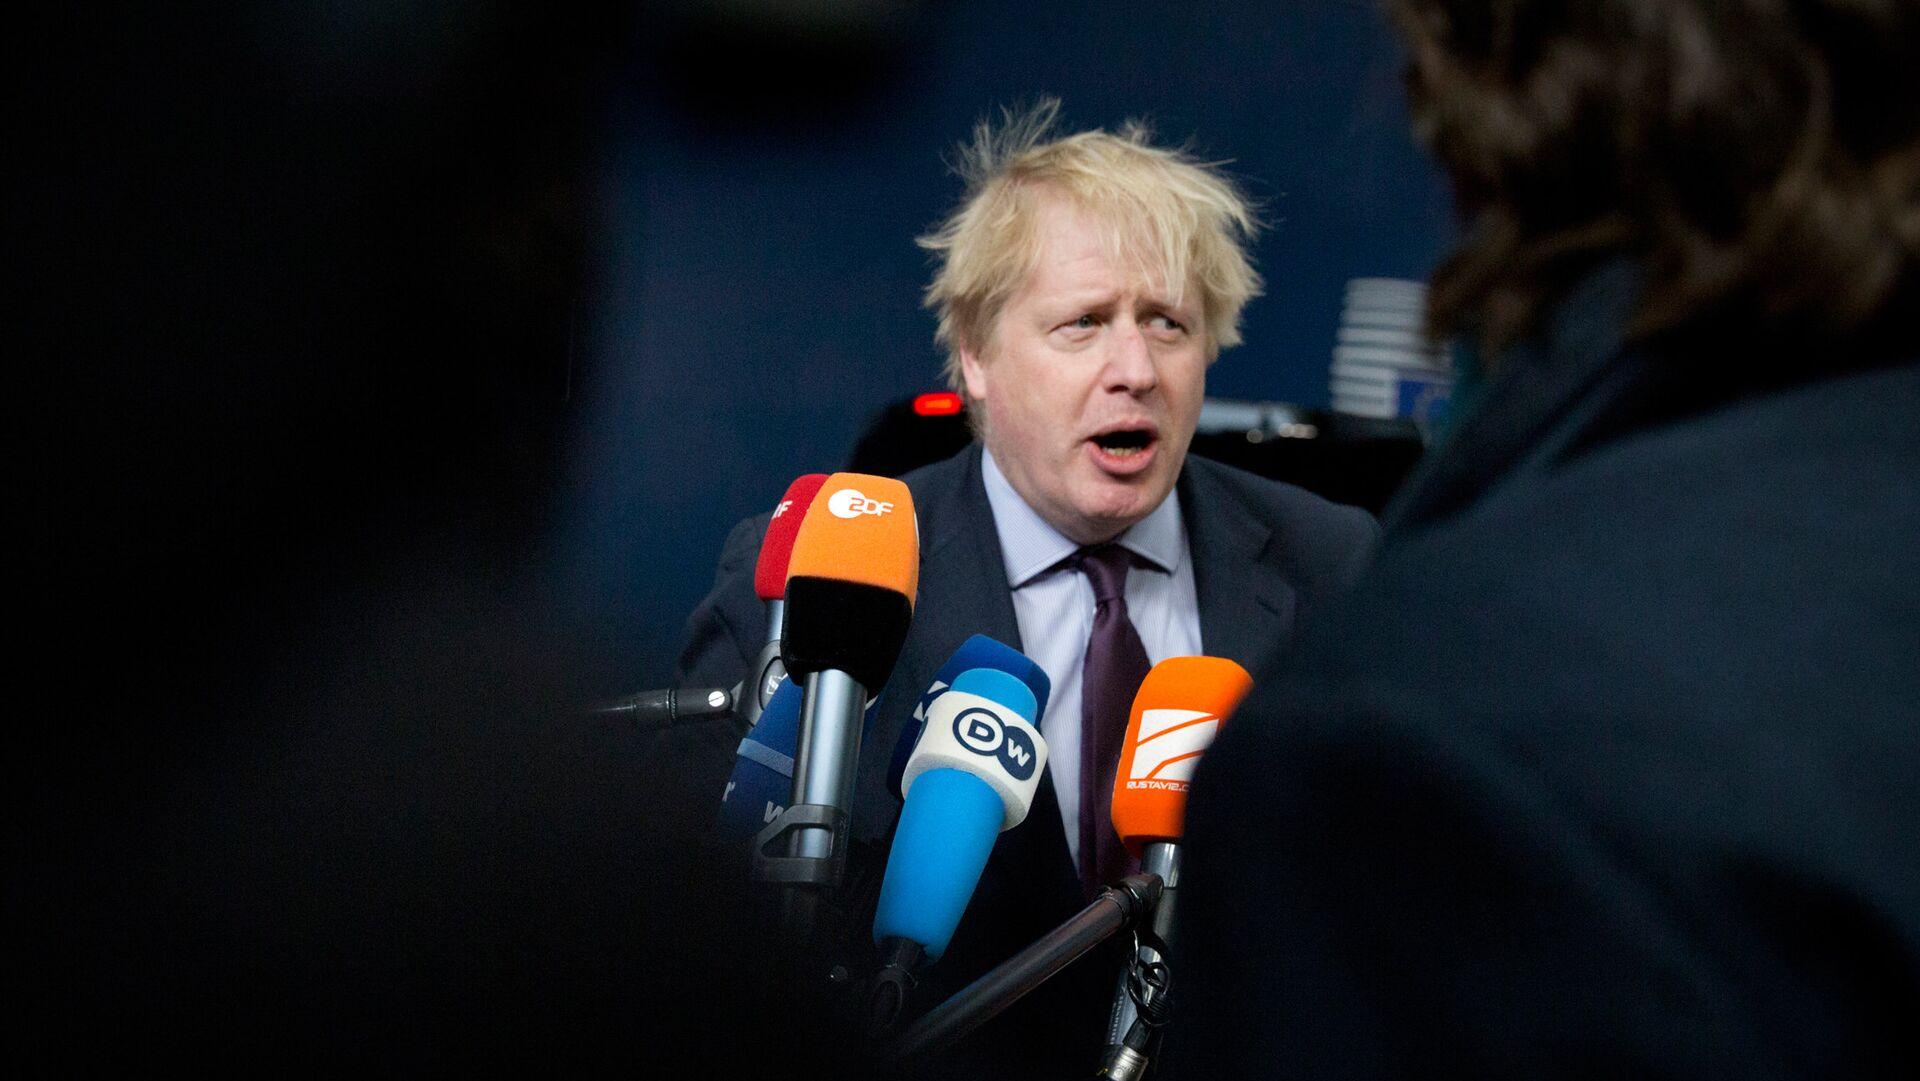 Министр иностранных дел Великобритании Борис Джонсон - РИА Новости, 1920, 04.01.2021